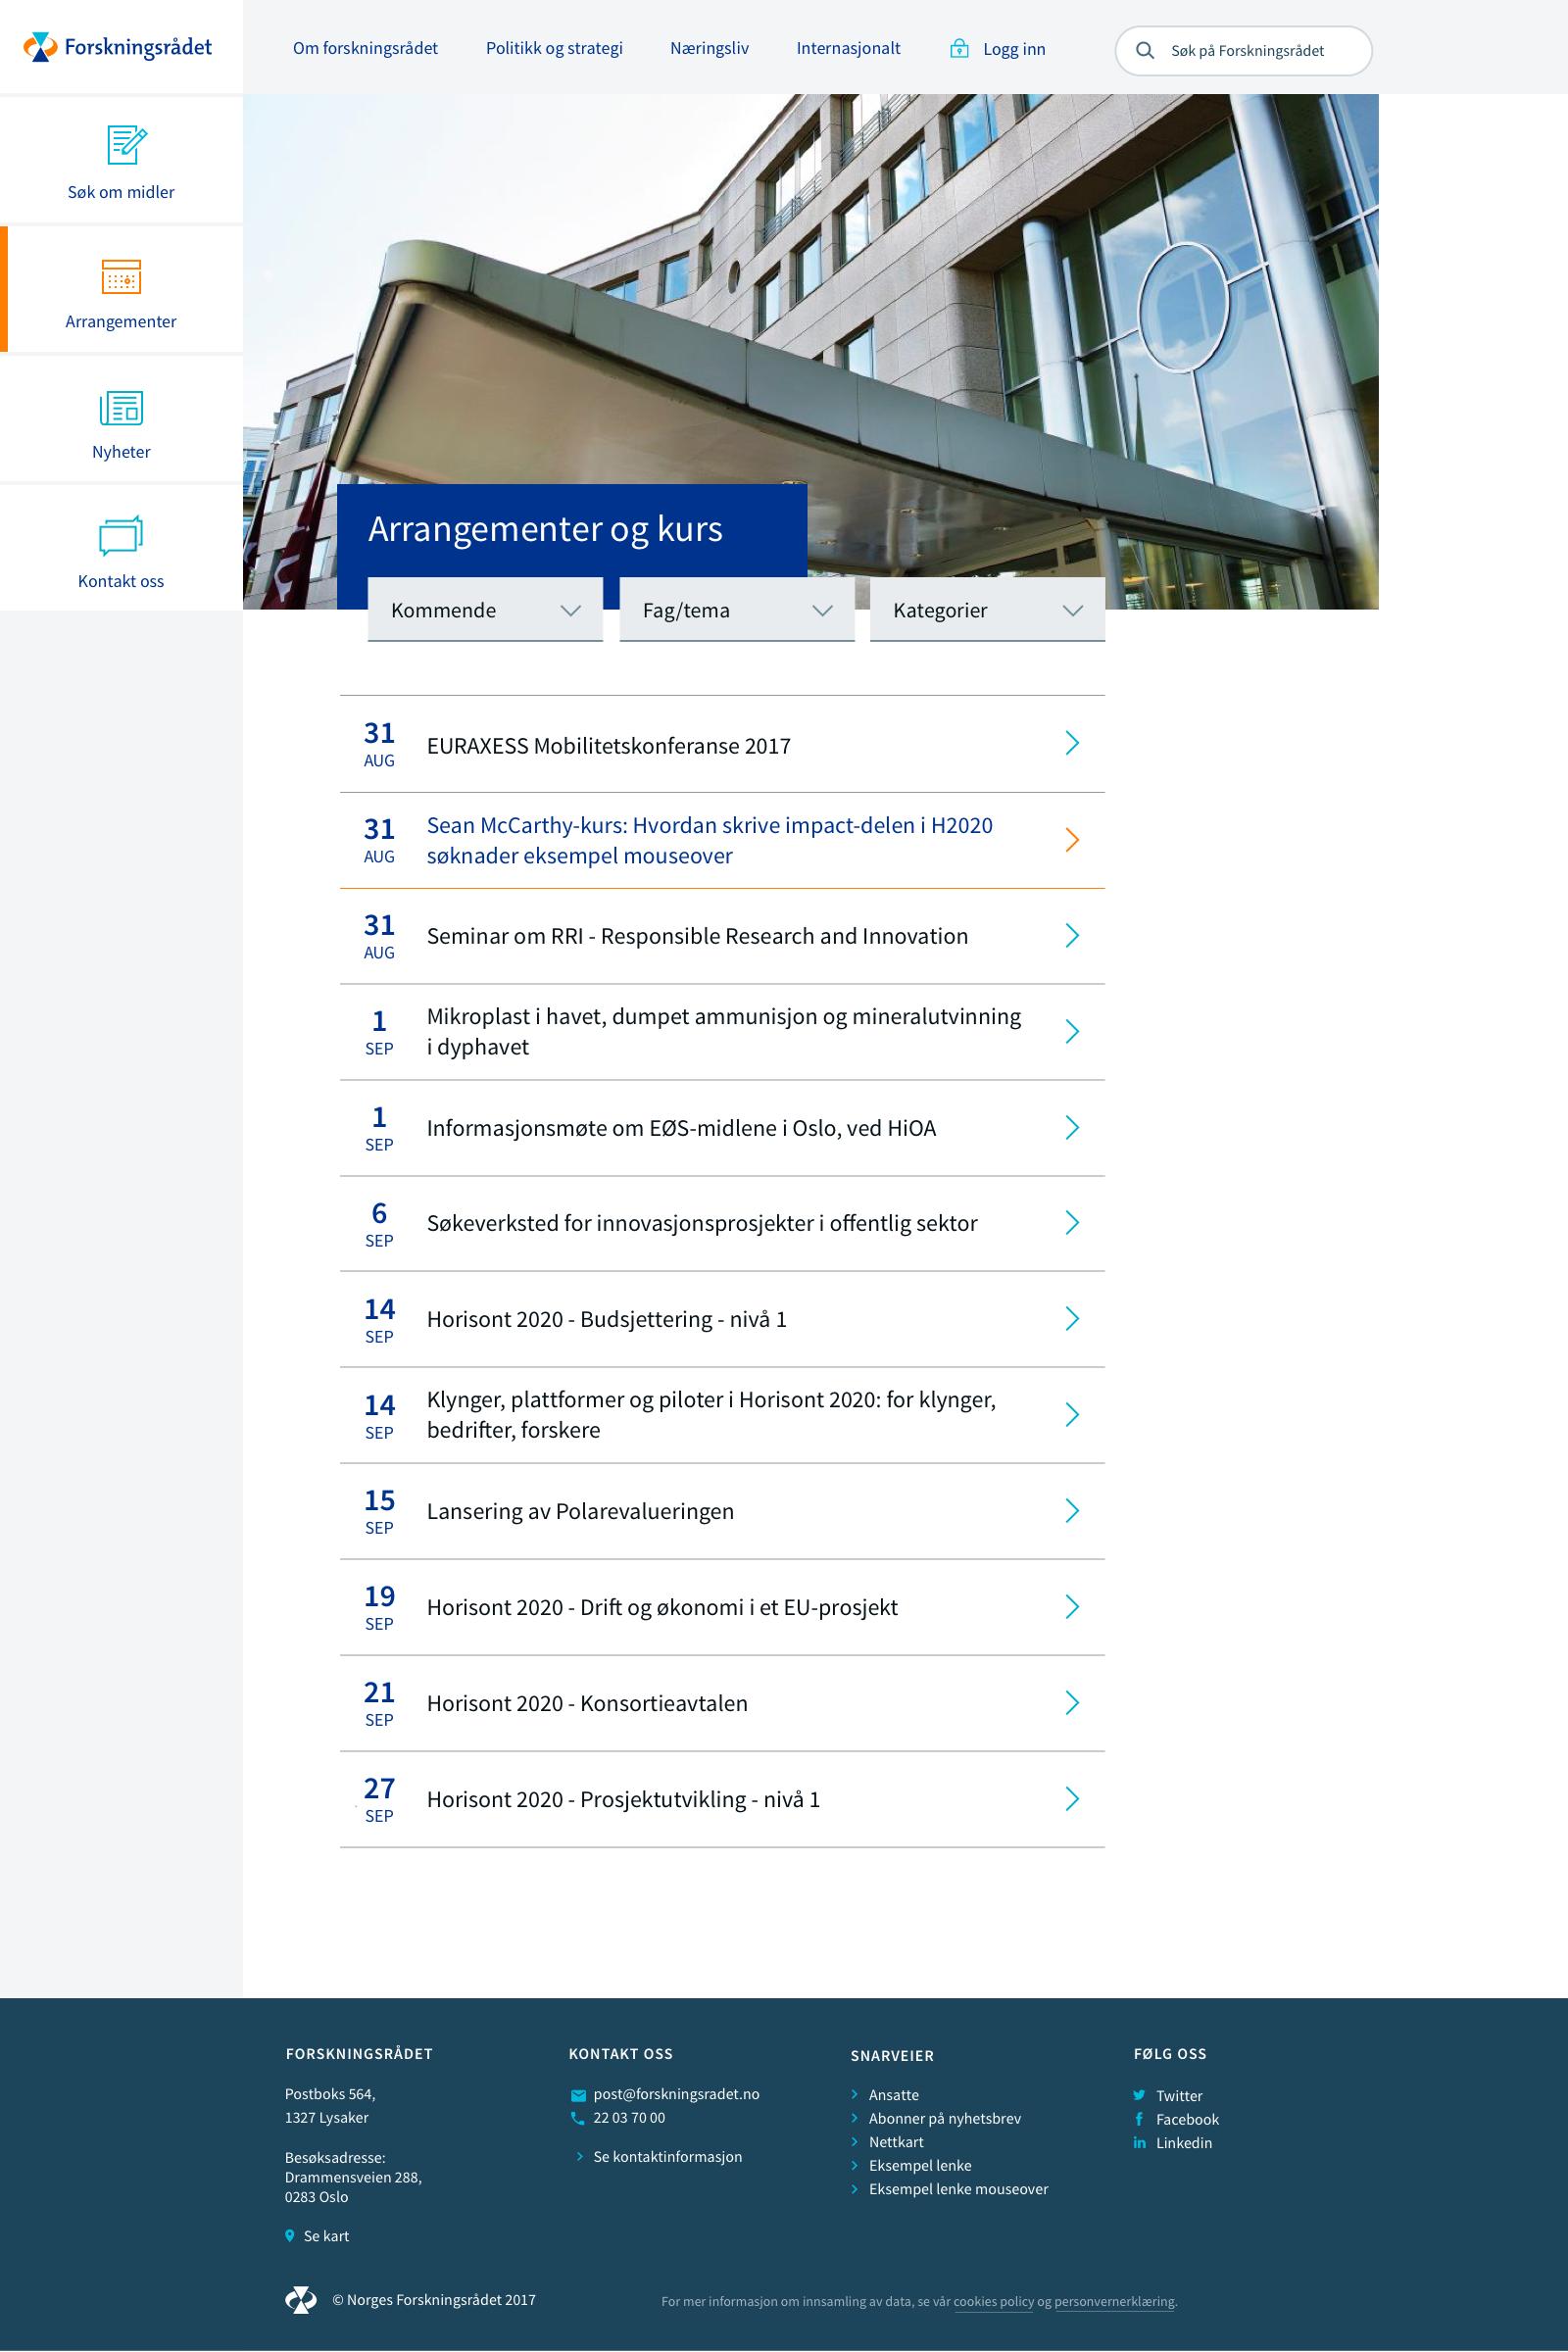 Forskningsrådet profil eksempel nettside arrangementer og kurs